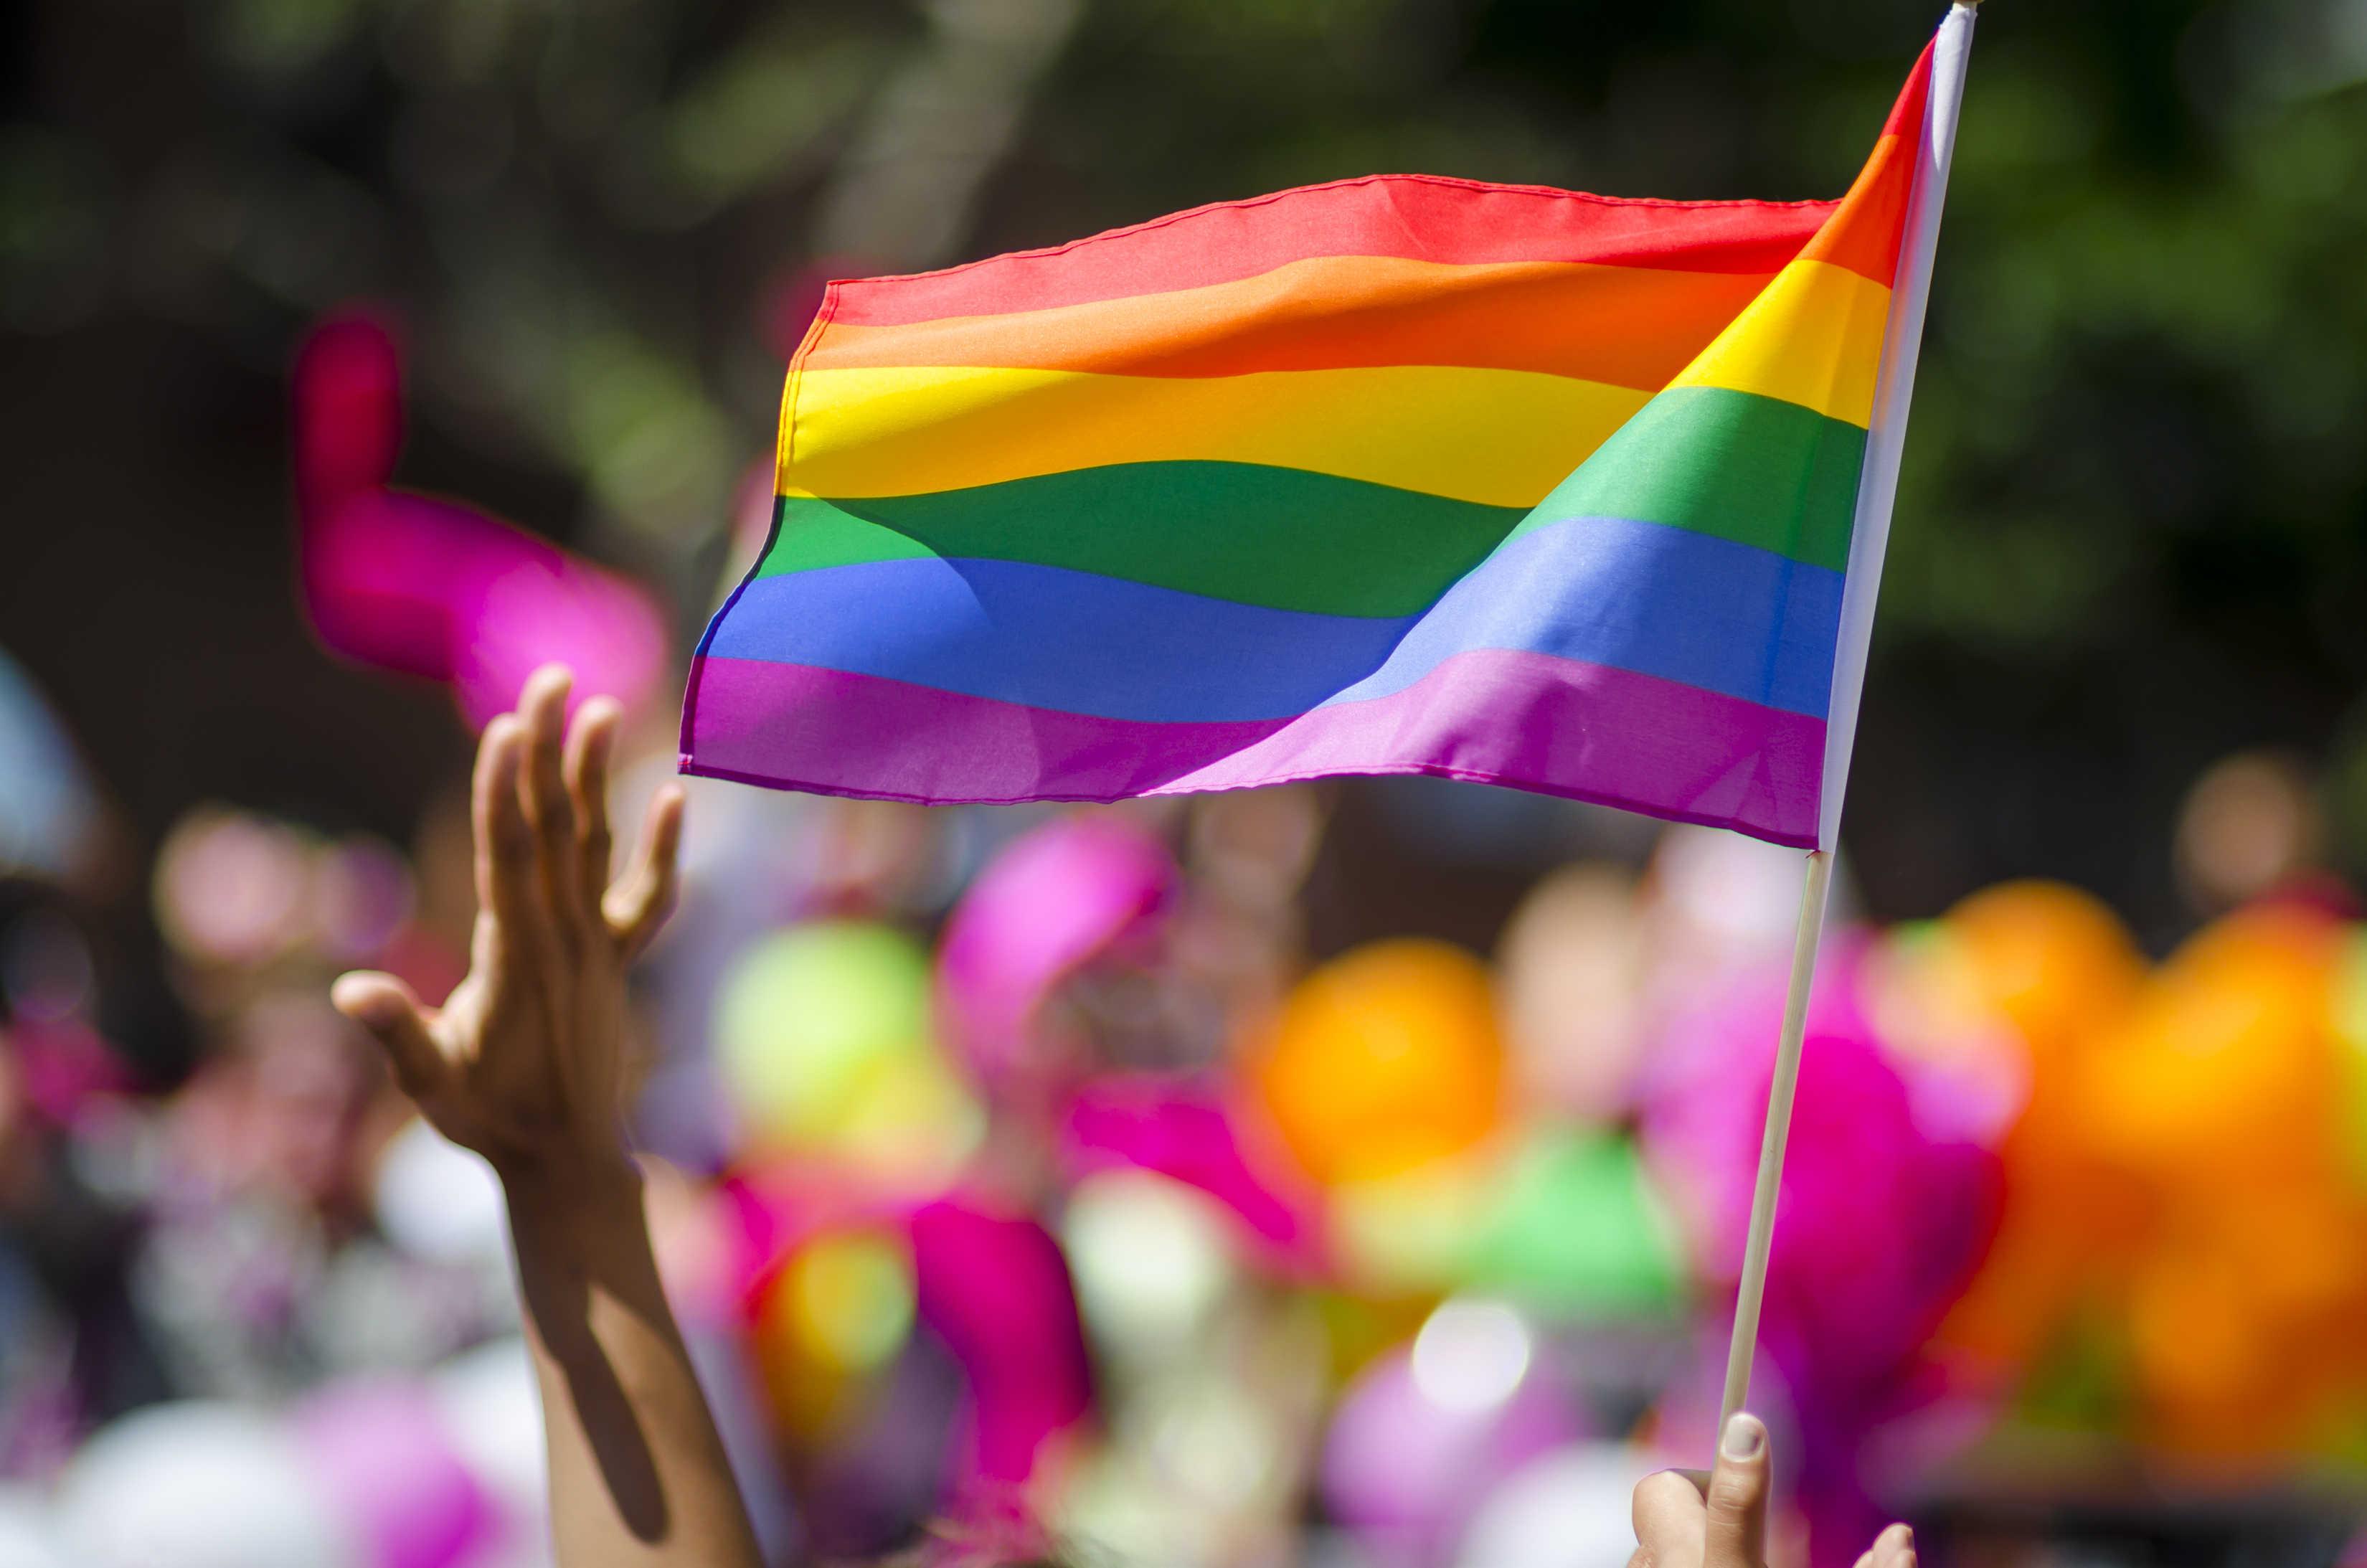 ¿Qué significan los colores de la bandera LGBT? Una breve clase de historia